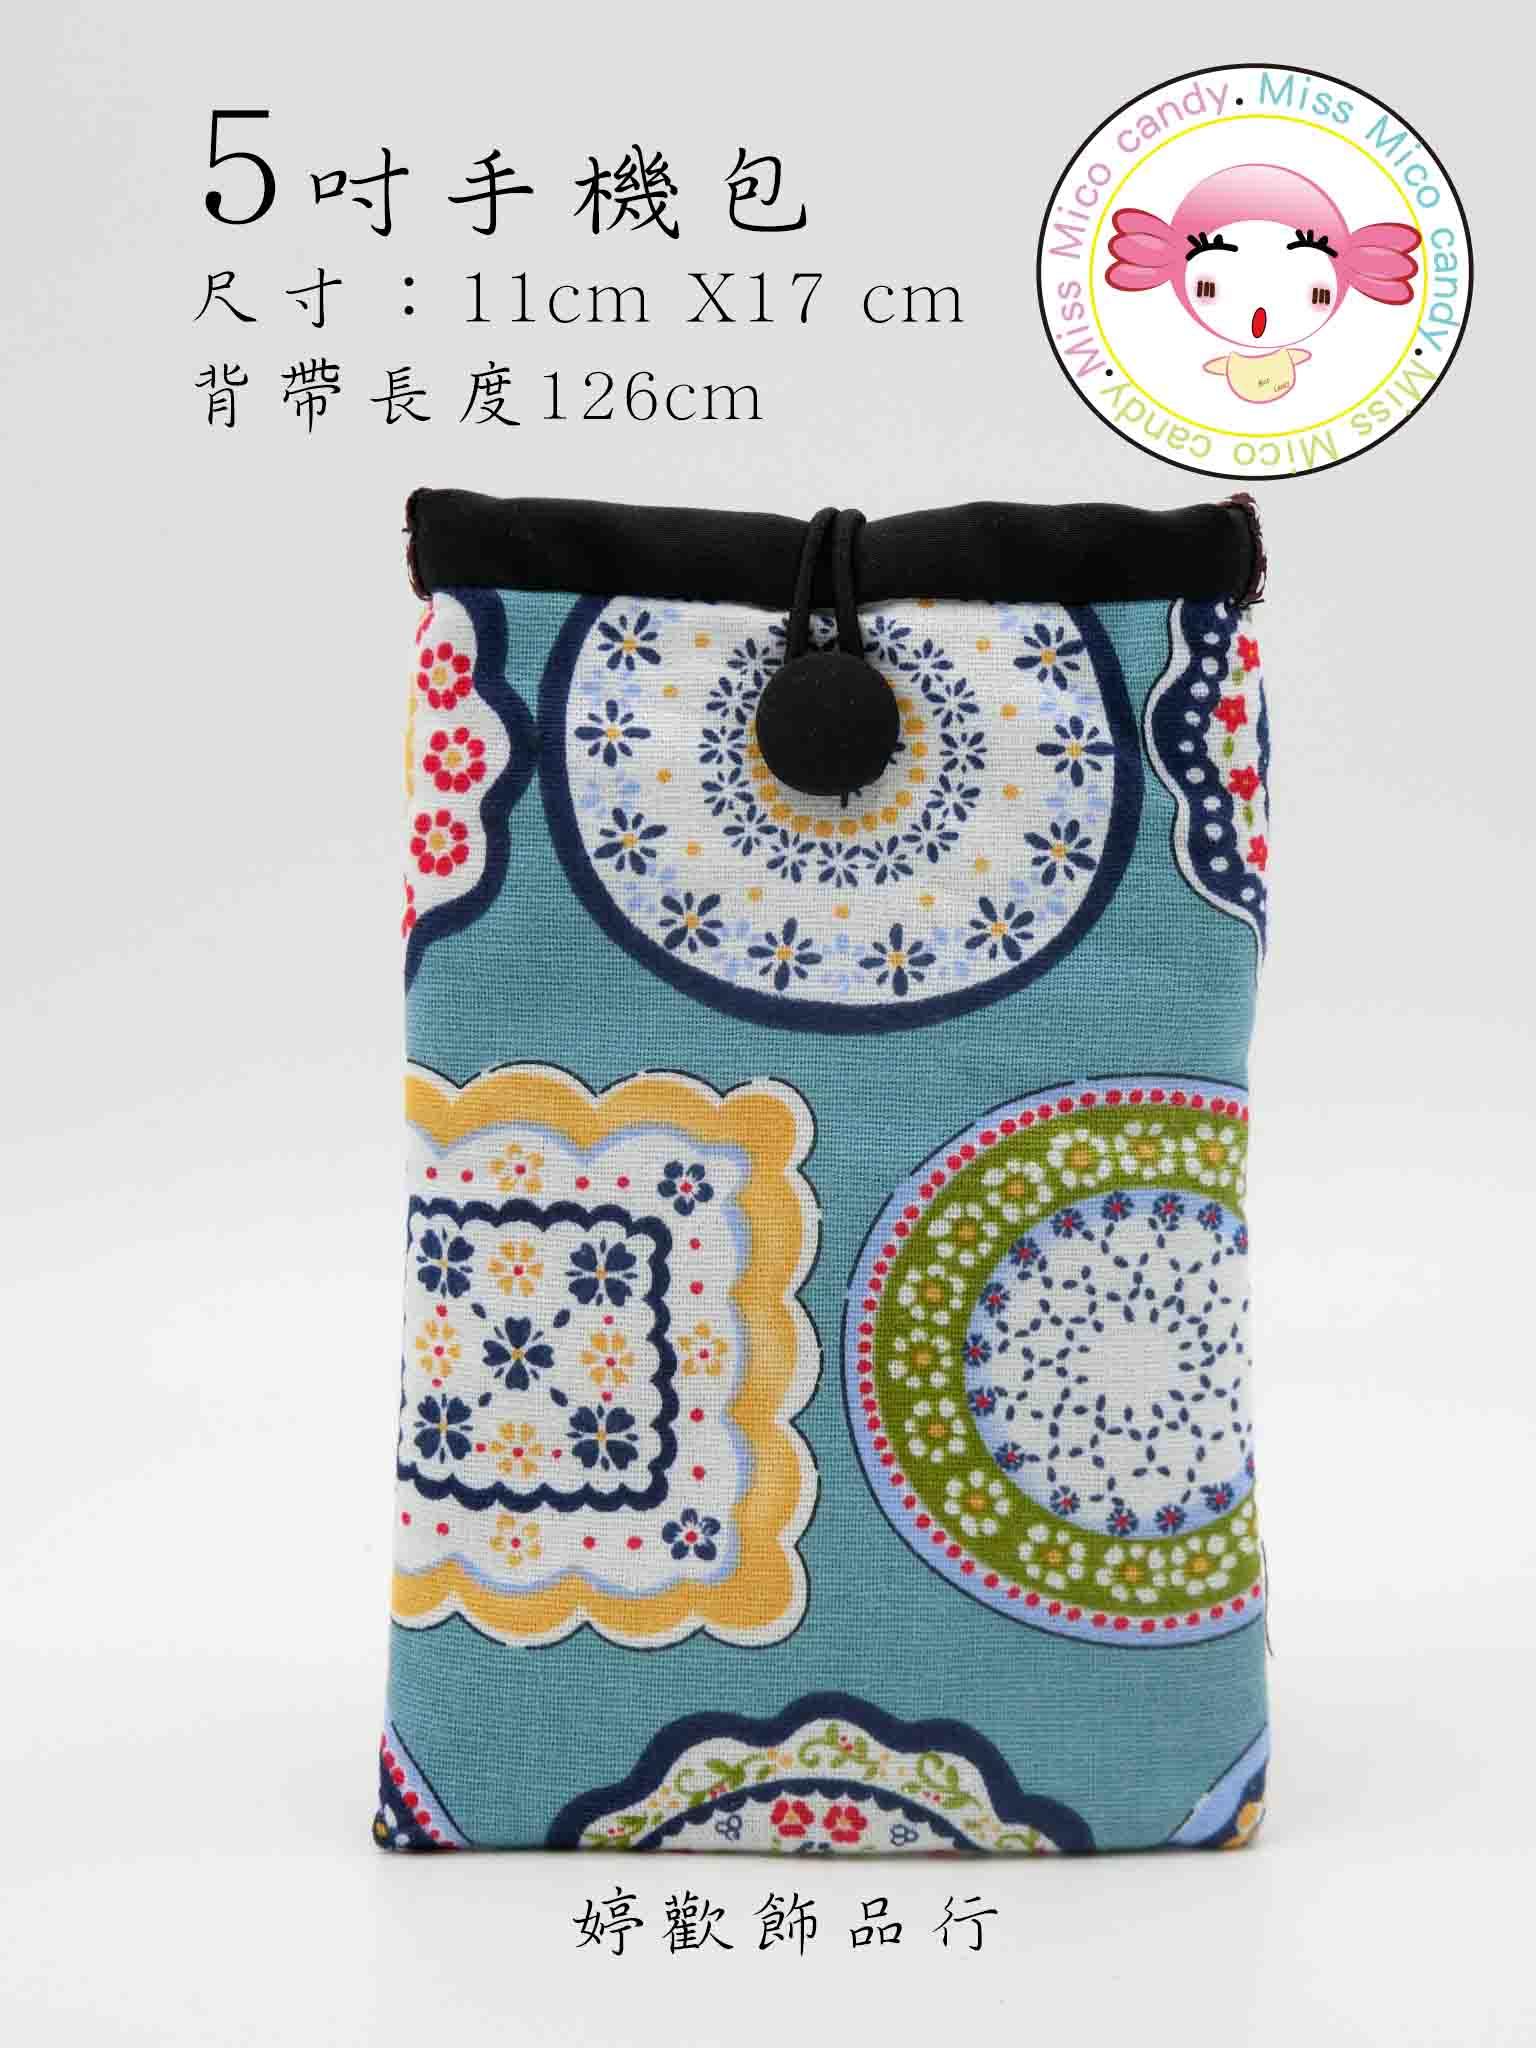 台灣手工5吋手機包.相機包『Iphone . HTC . Samsung . 小米機』萬花筒